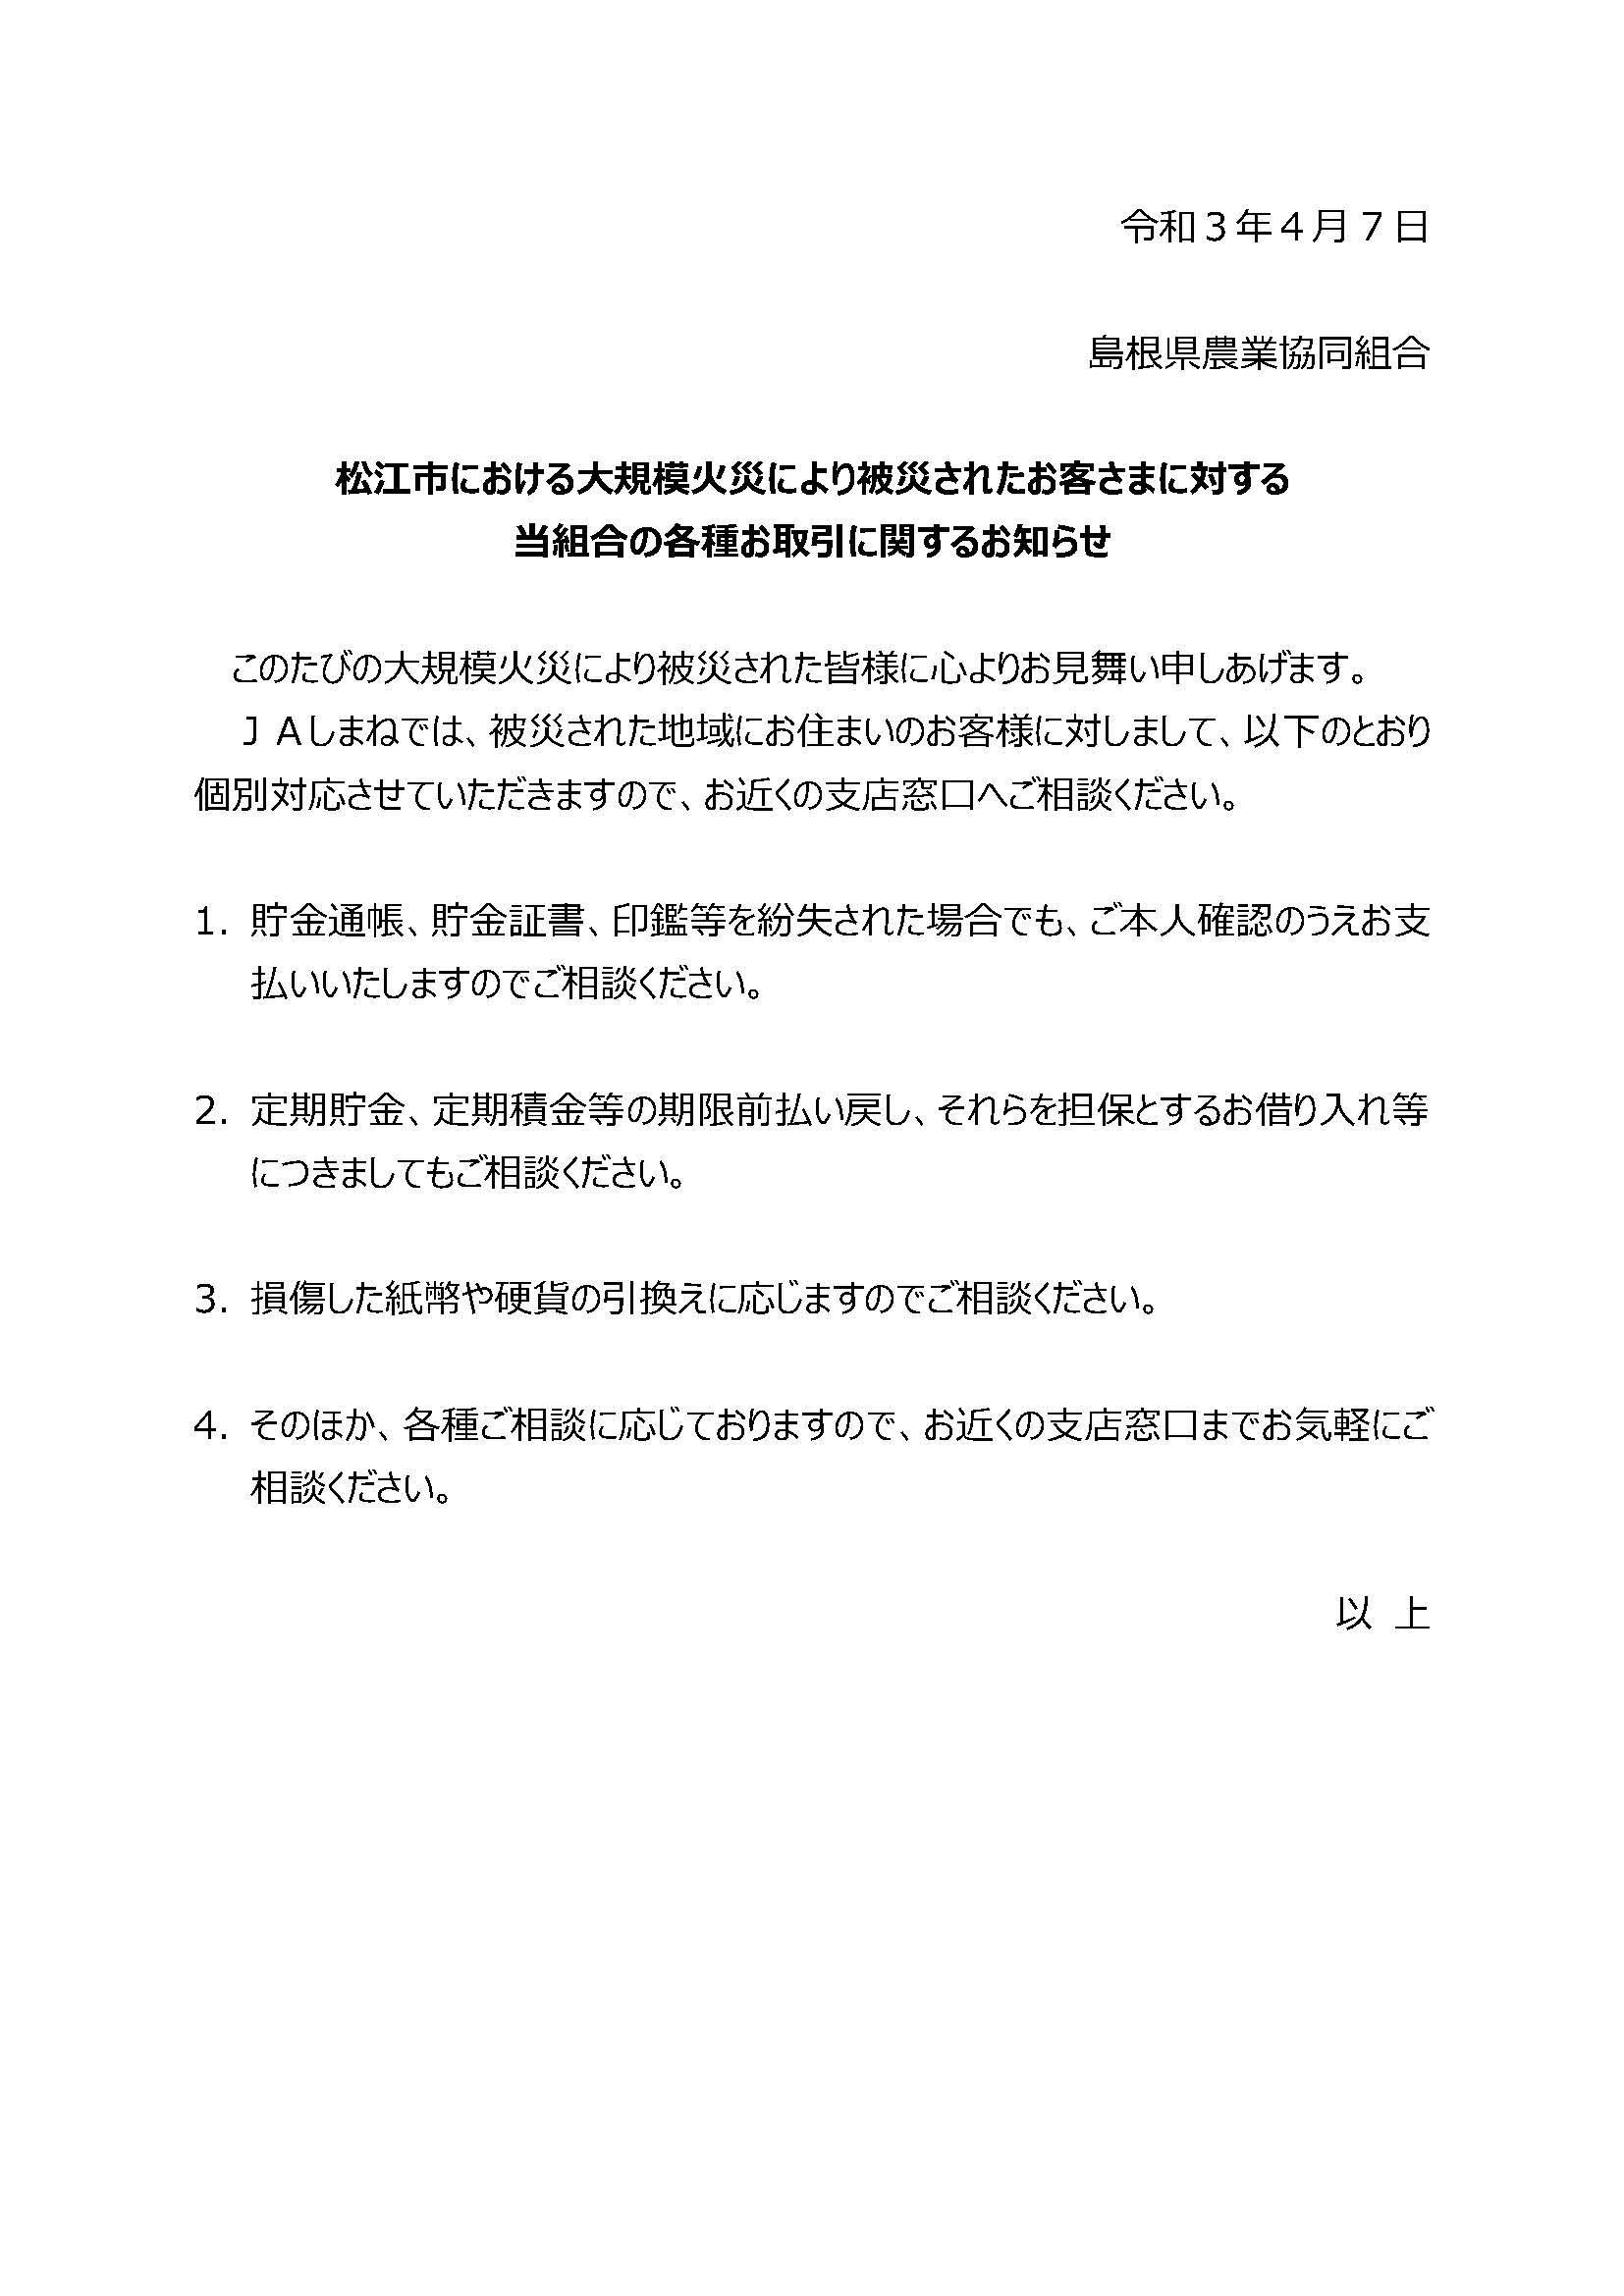 ◆ 松江市における大規模火災により被災されたお客さまに対する当組合の各種お取引に関するお知らせ.jpg